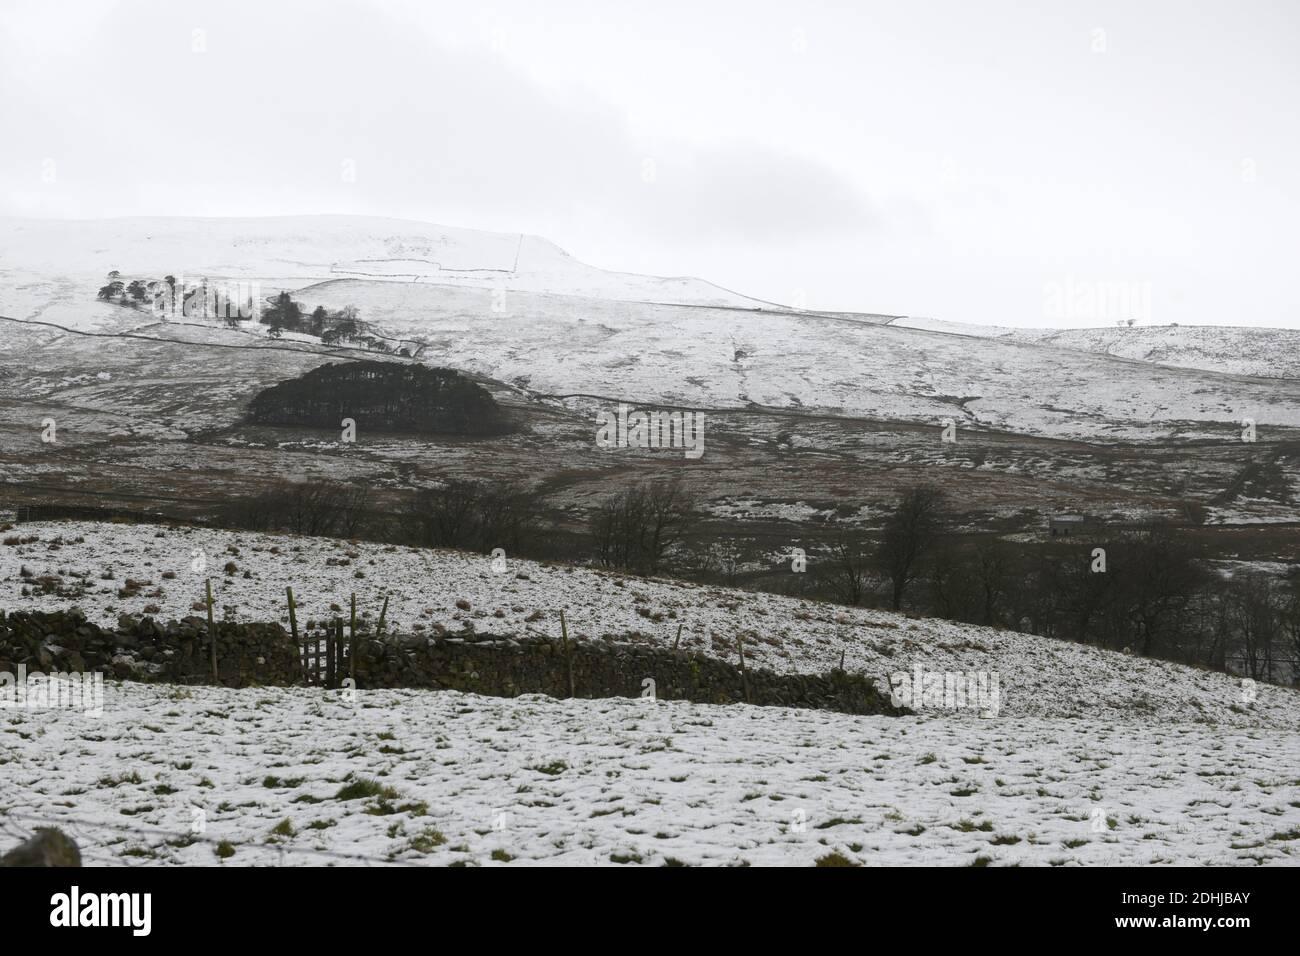 Nella foto è raffigurata una scena innevata nello Yorkshire Dales sopra Hawes. Tempo neve neve neve neve neve inverno nevicata Foto Stock